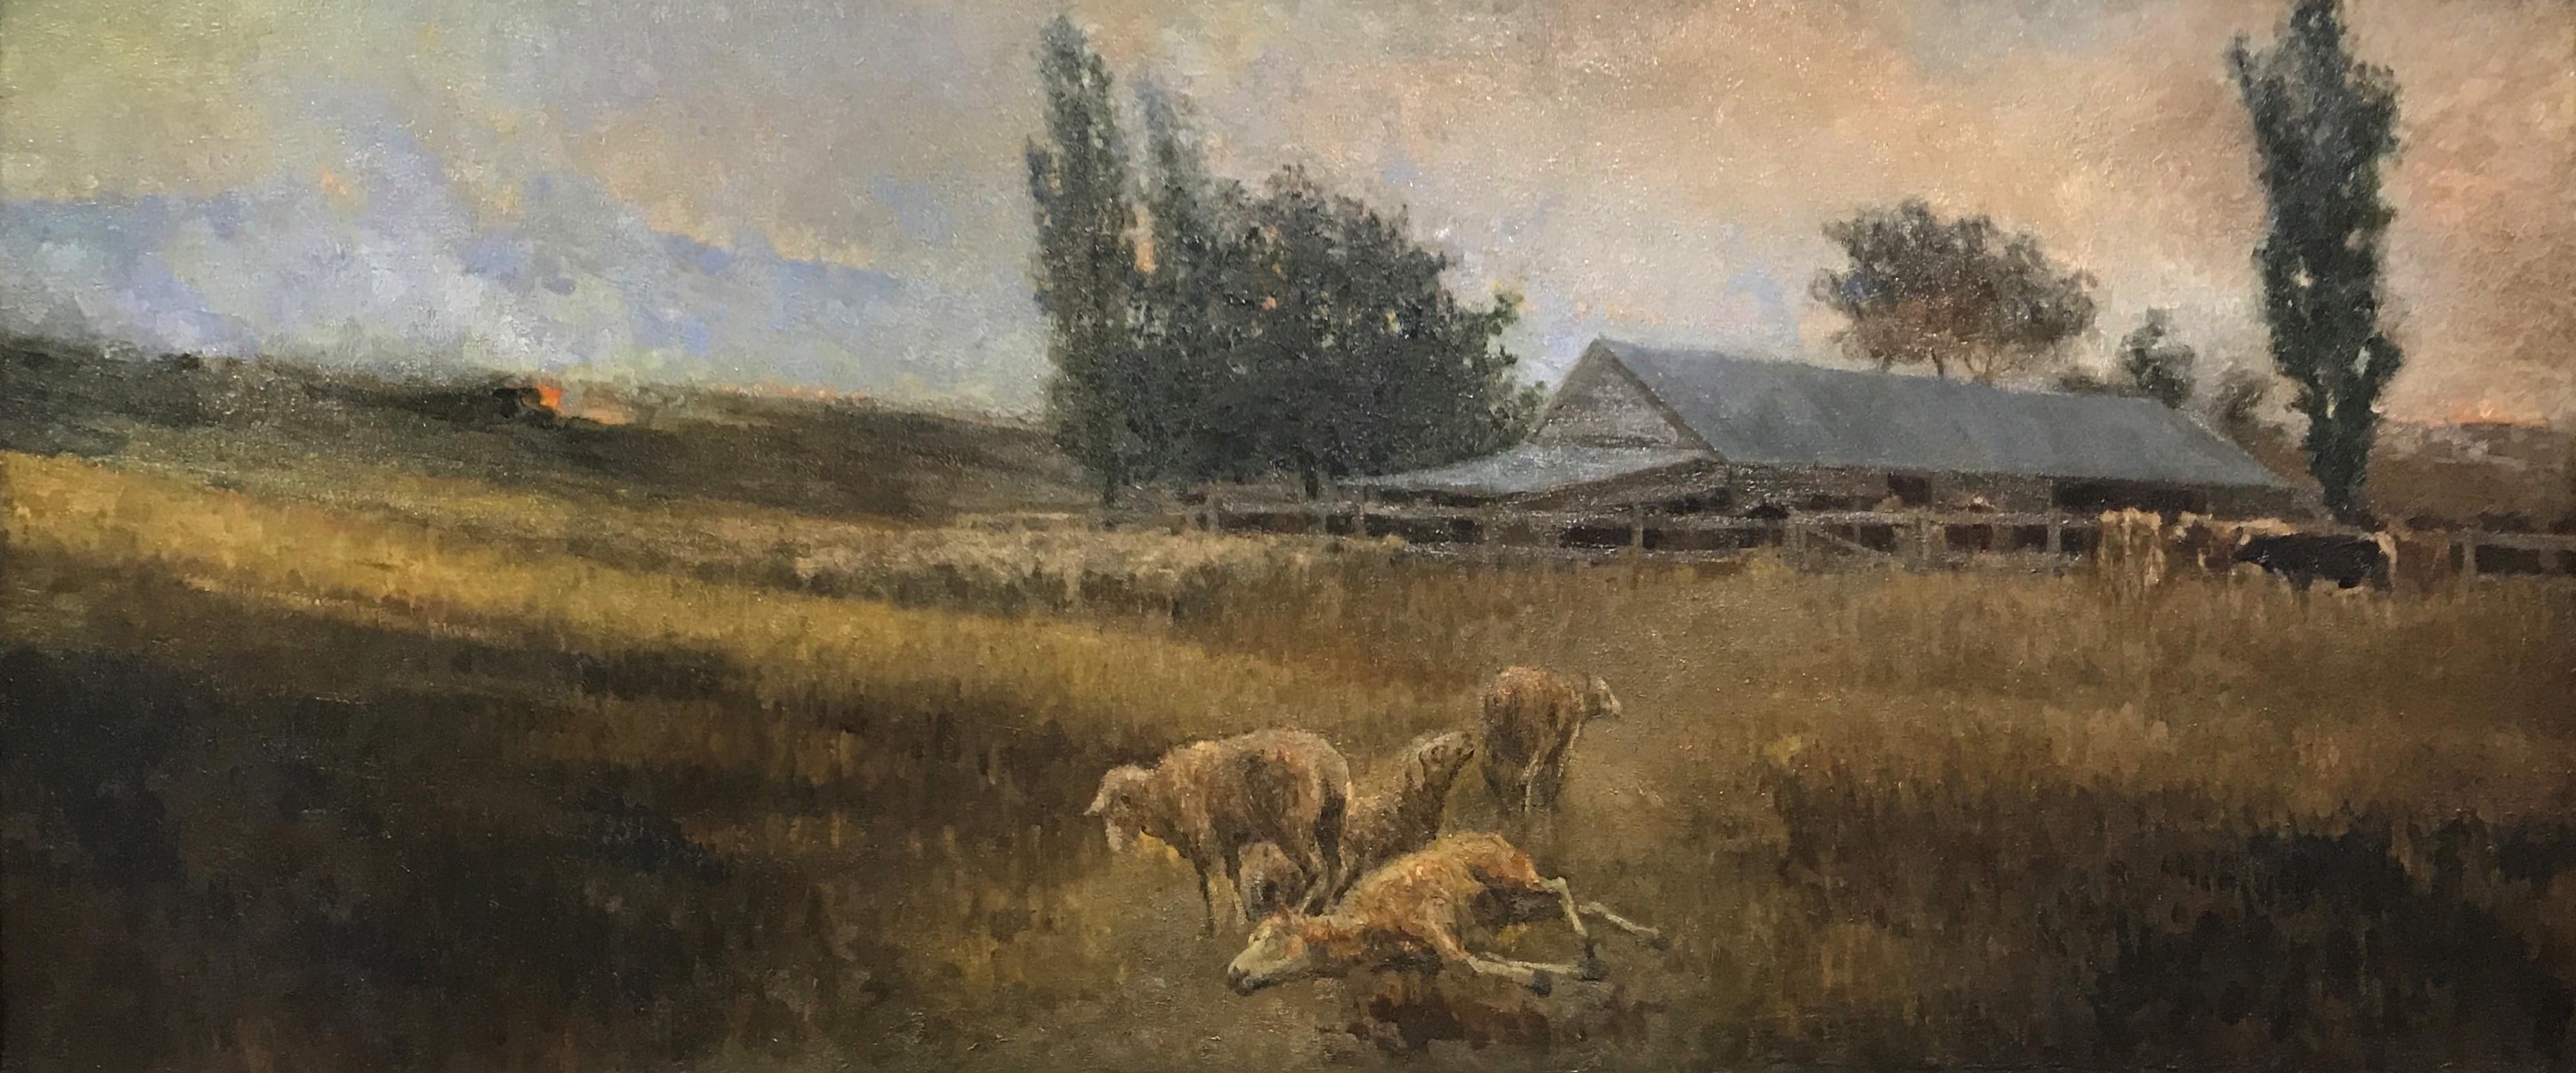 Loureiro (Australian Scene)